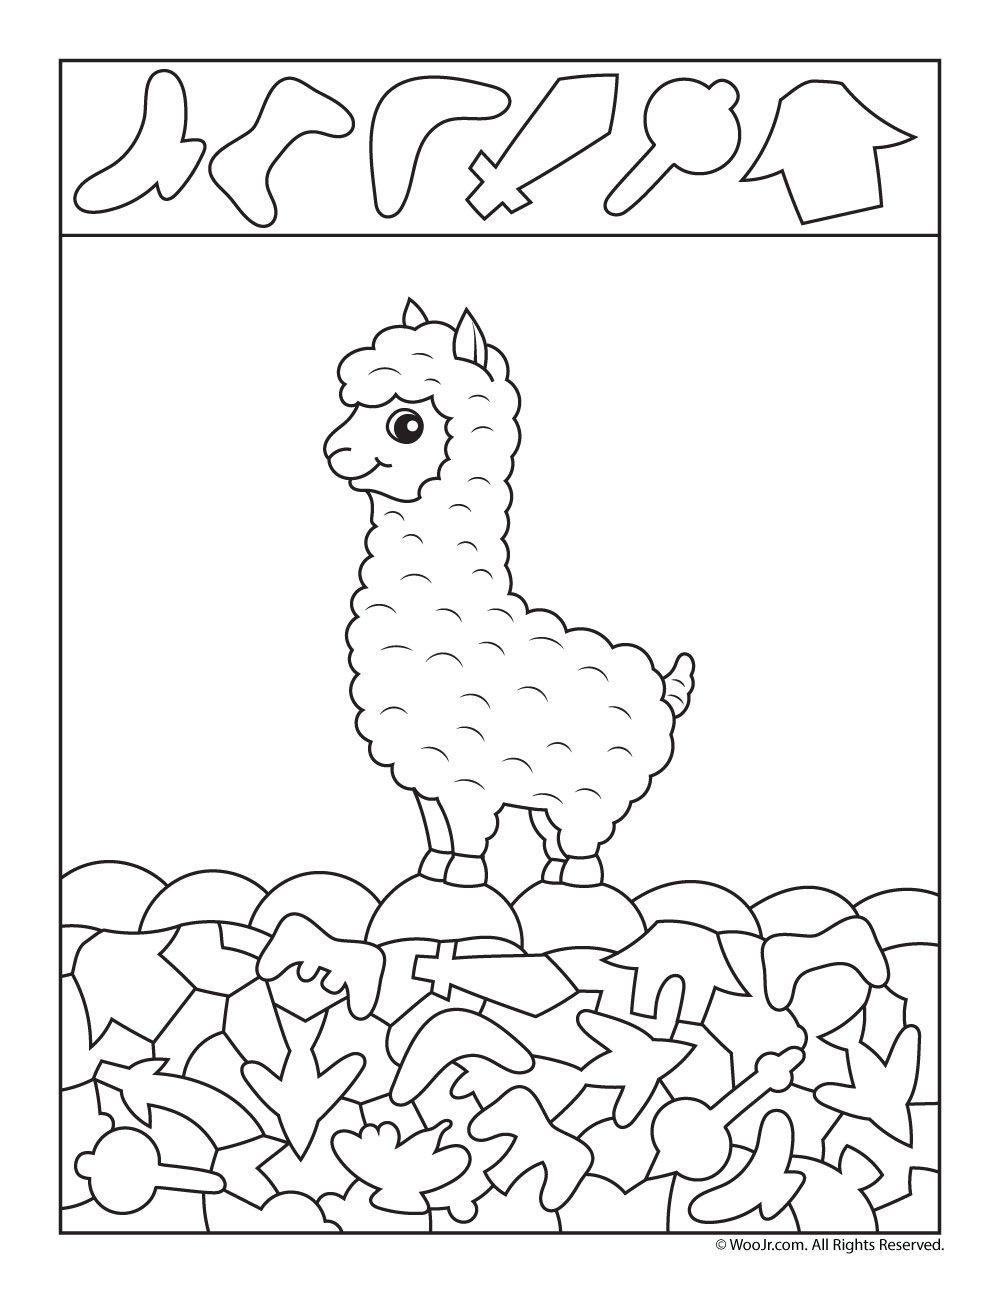 Adorable Llama Find The Item Page Woo Jr Kids Activities Hidden Pictures Activities For Kids Preschool Worksheets [ 1294 x 1000 Pixel ]